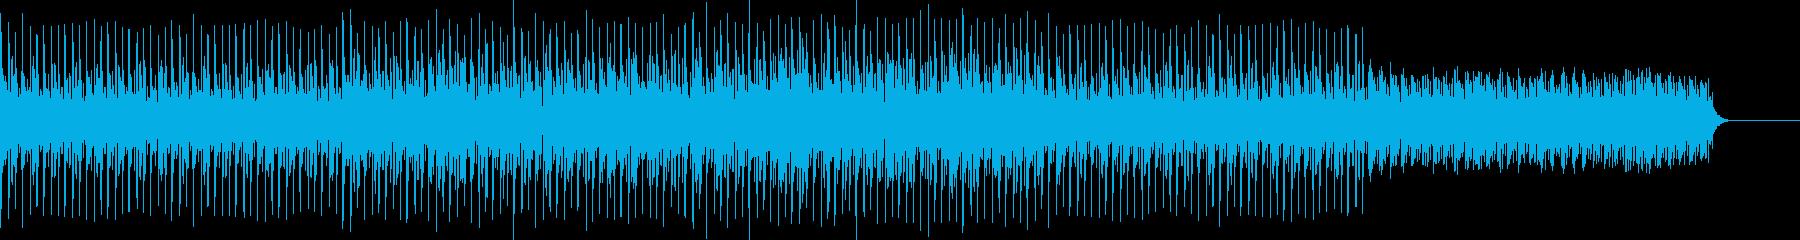 電子音楽感の詰まったテクノポップの再生済みの波形